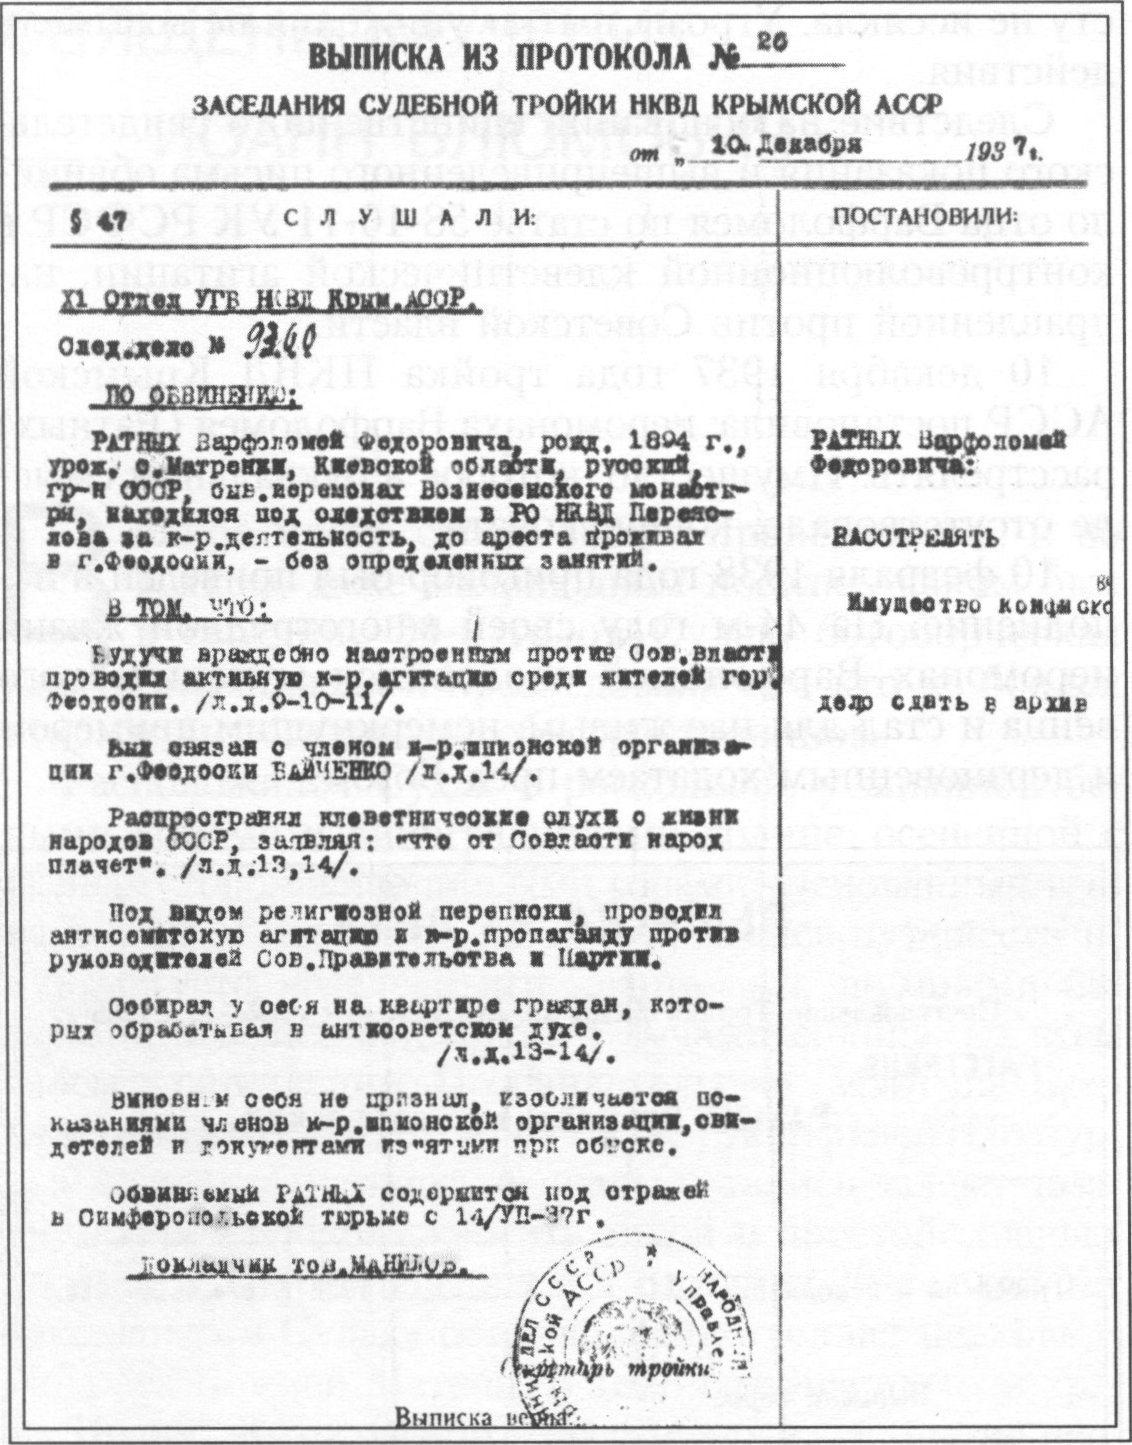 Выписка из протокола заседания тройки НКВД Крымской АССР